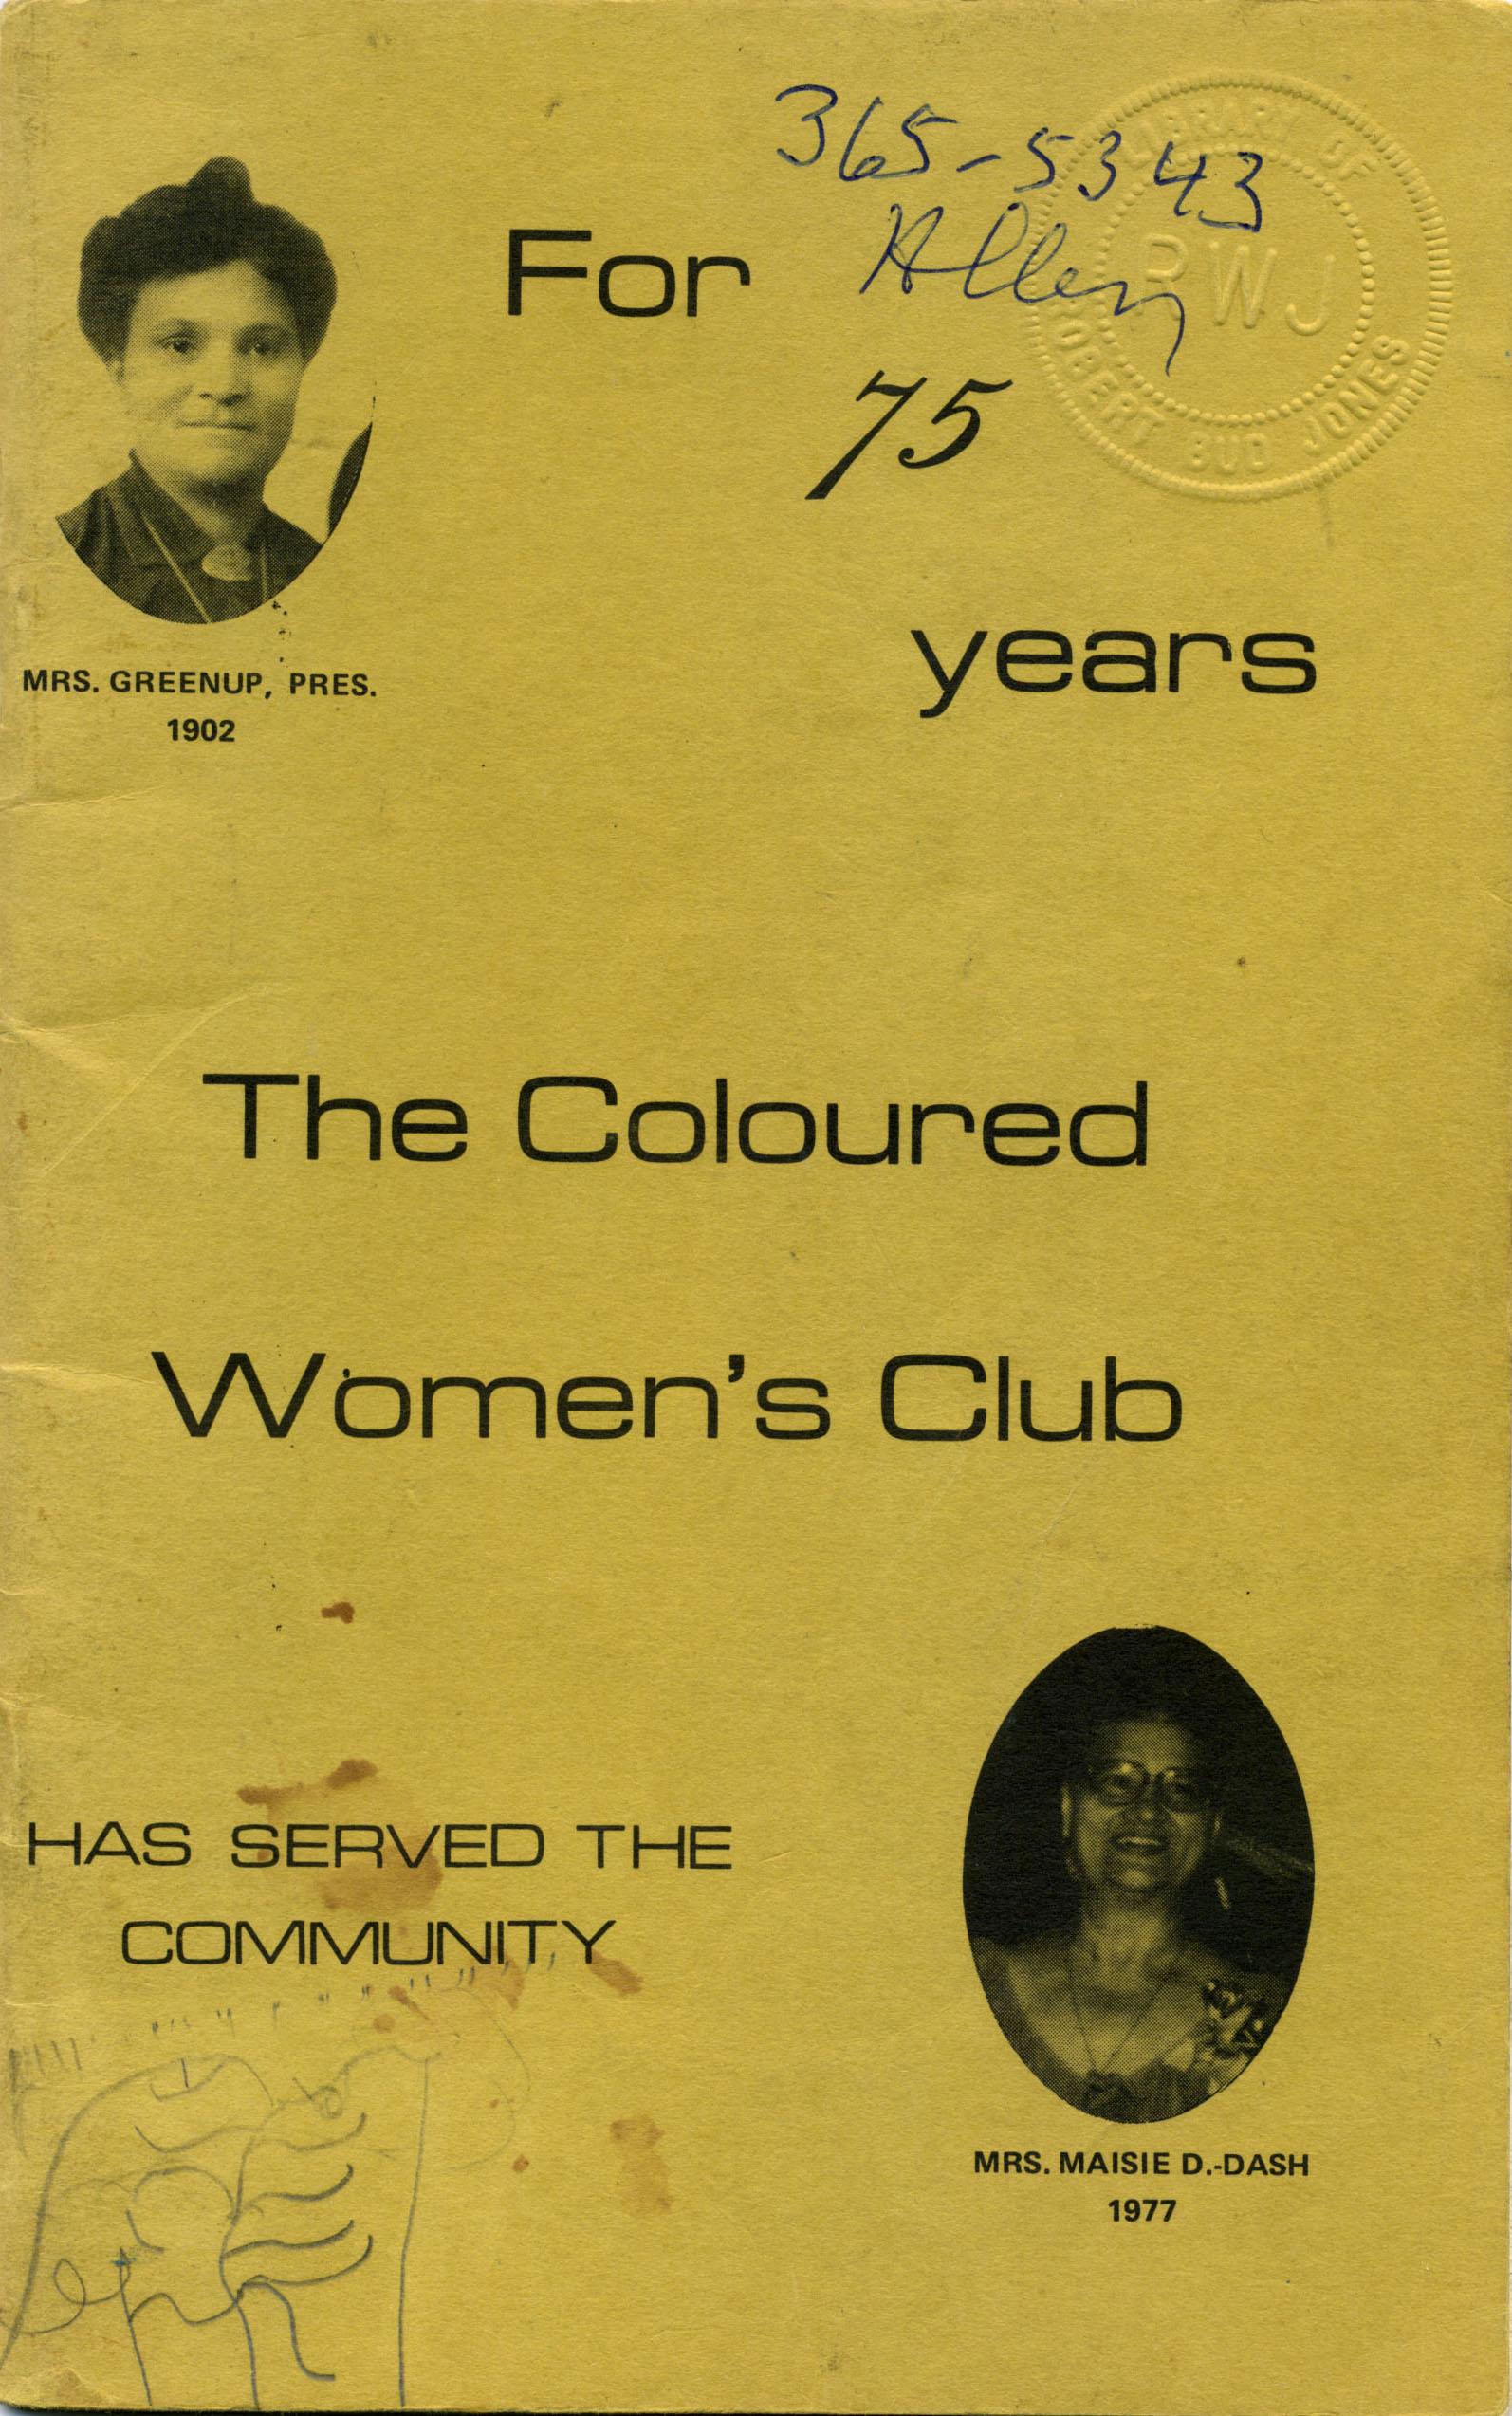 Page couverture d'une brochure célébrant les 75 ans du Coloured Women's Club.